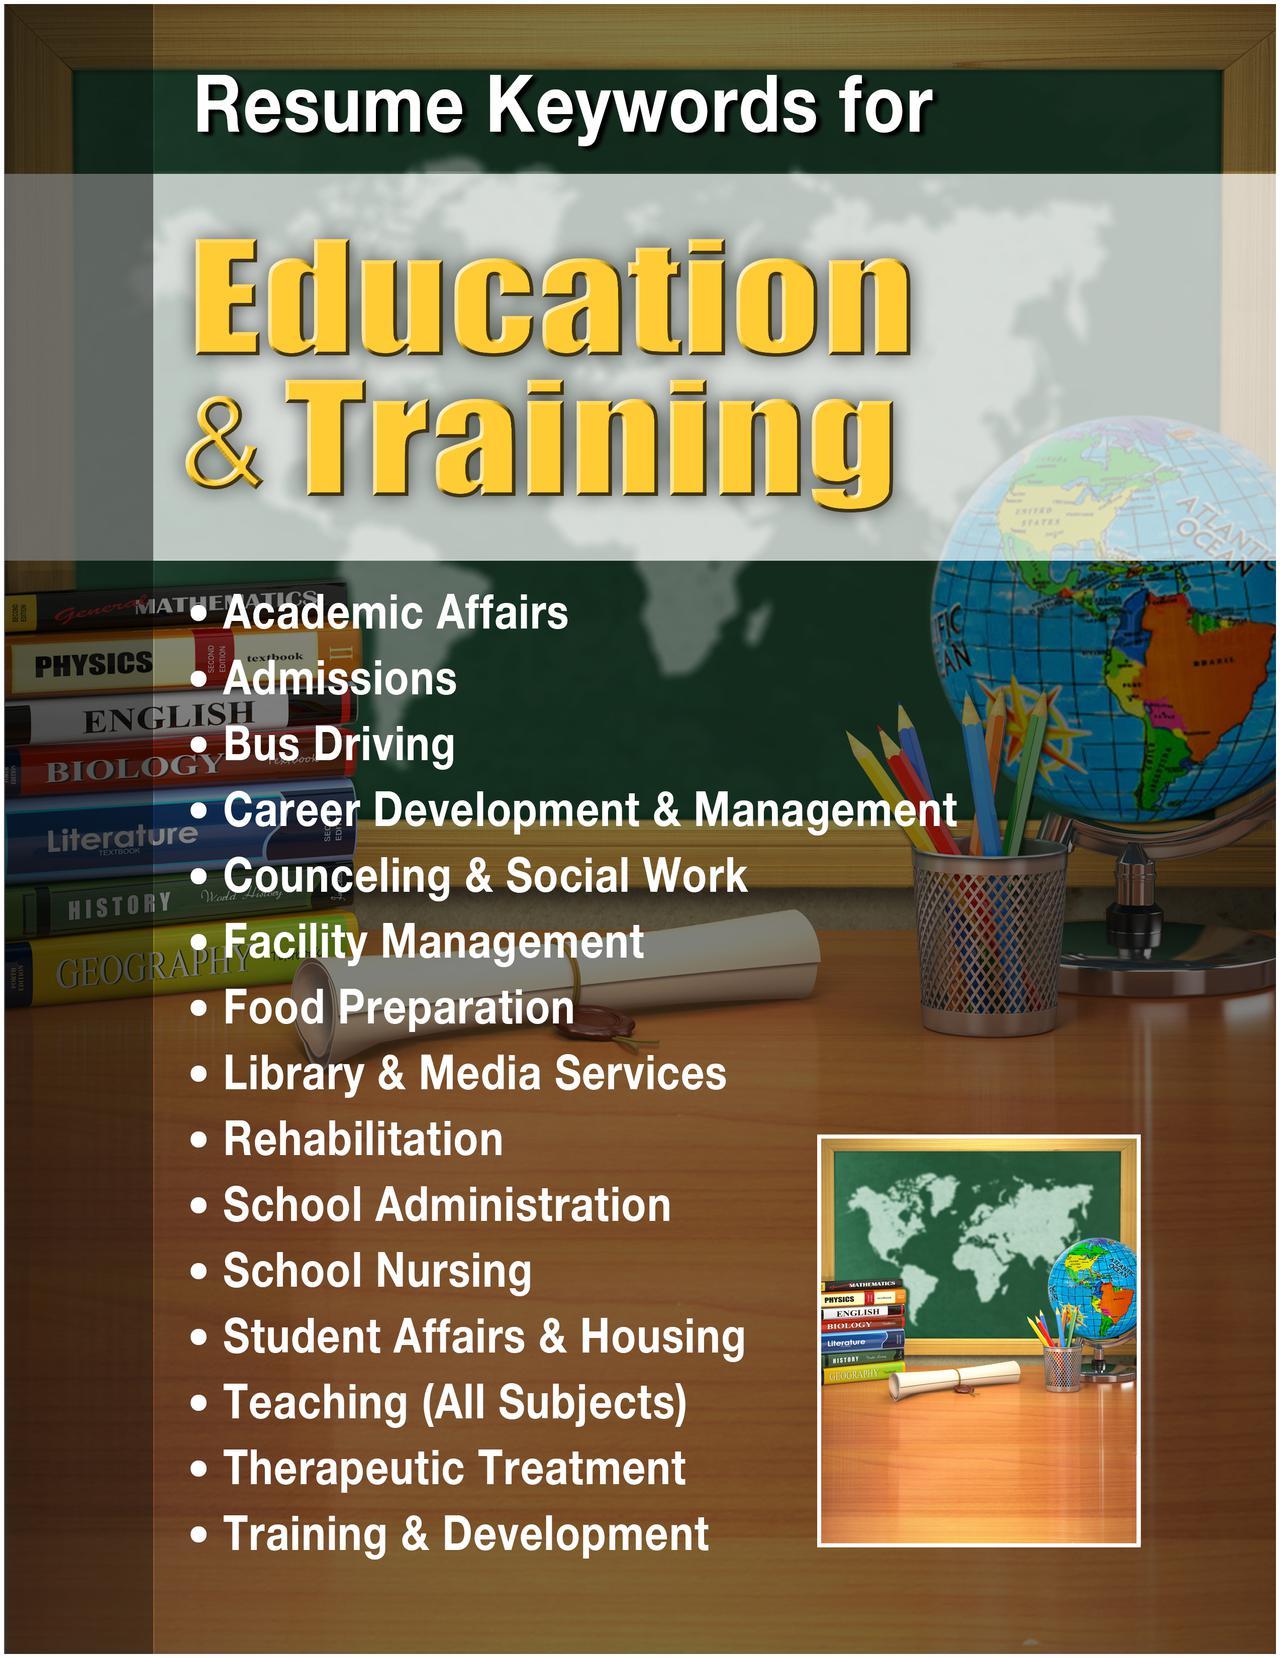 education & training divider.jpg